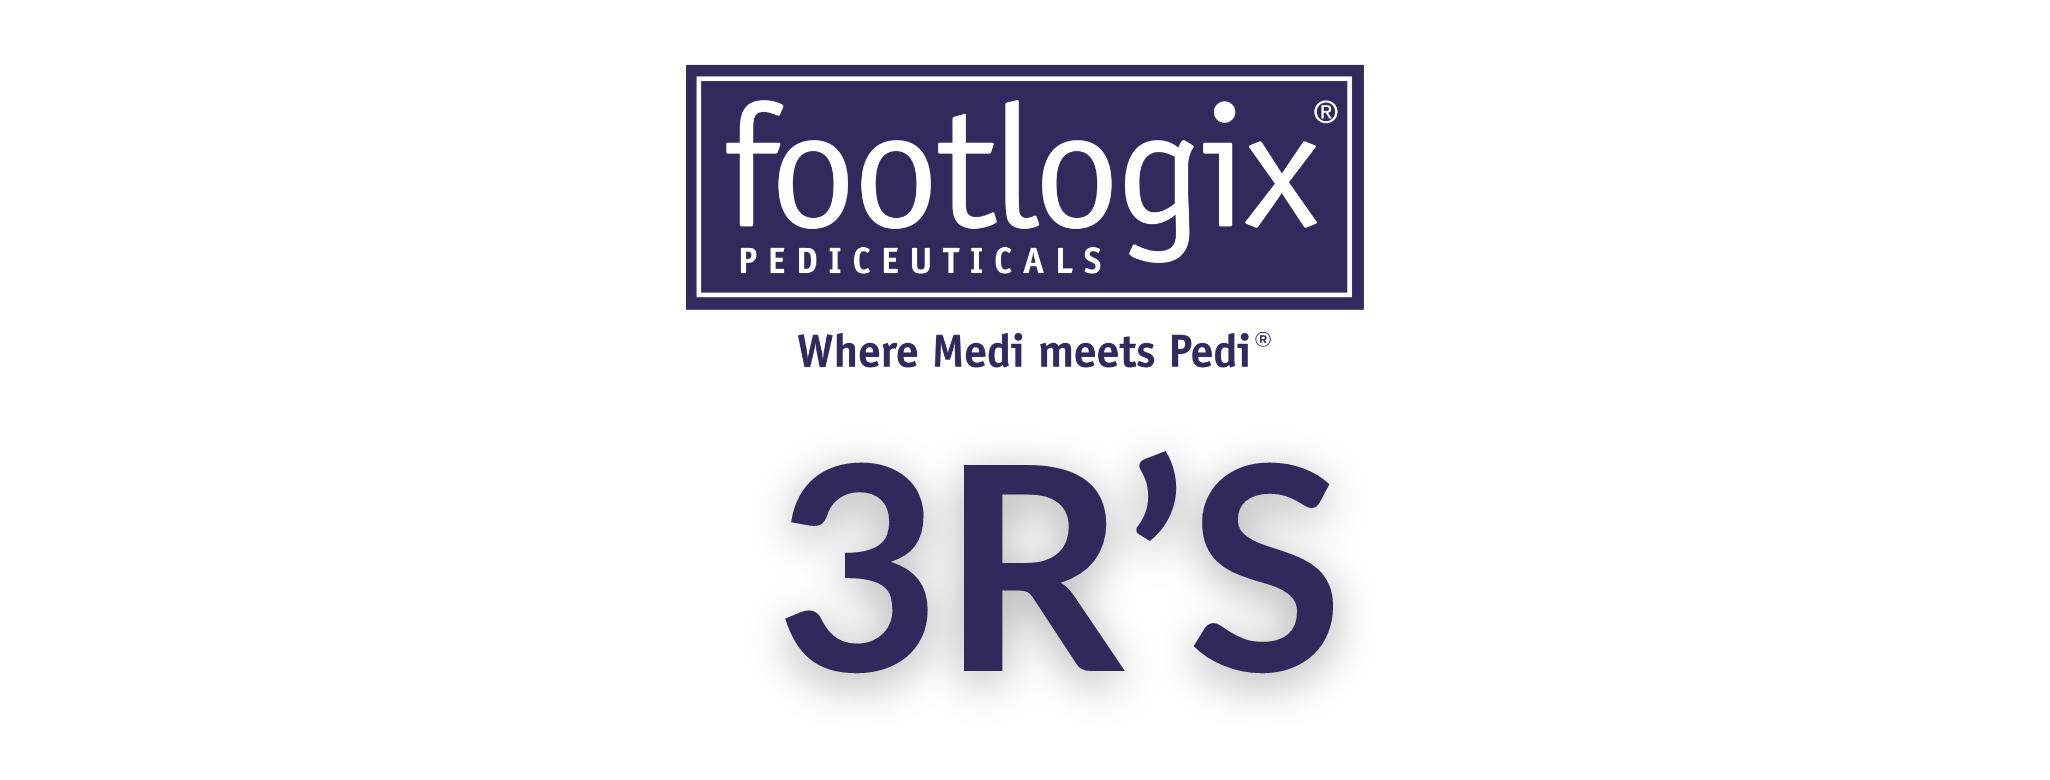 Footlogix 3R's